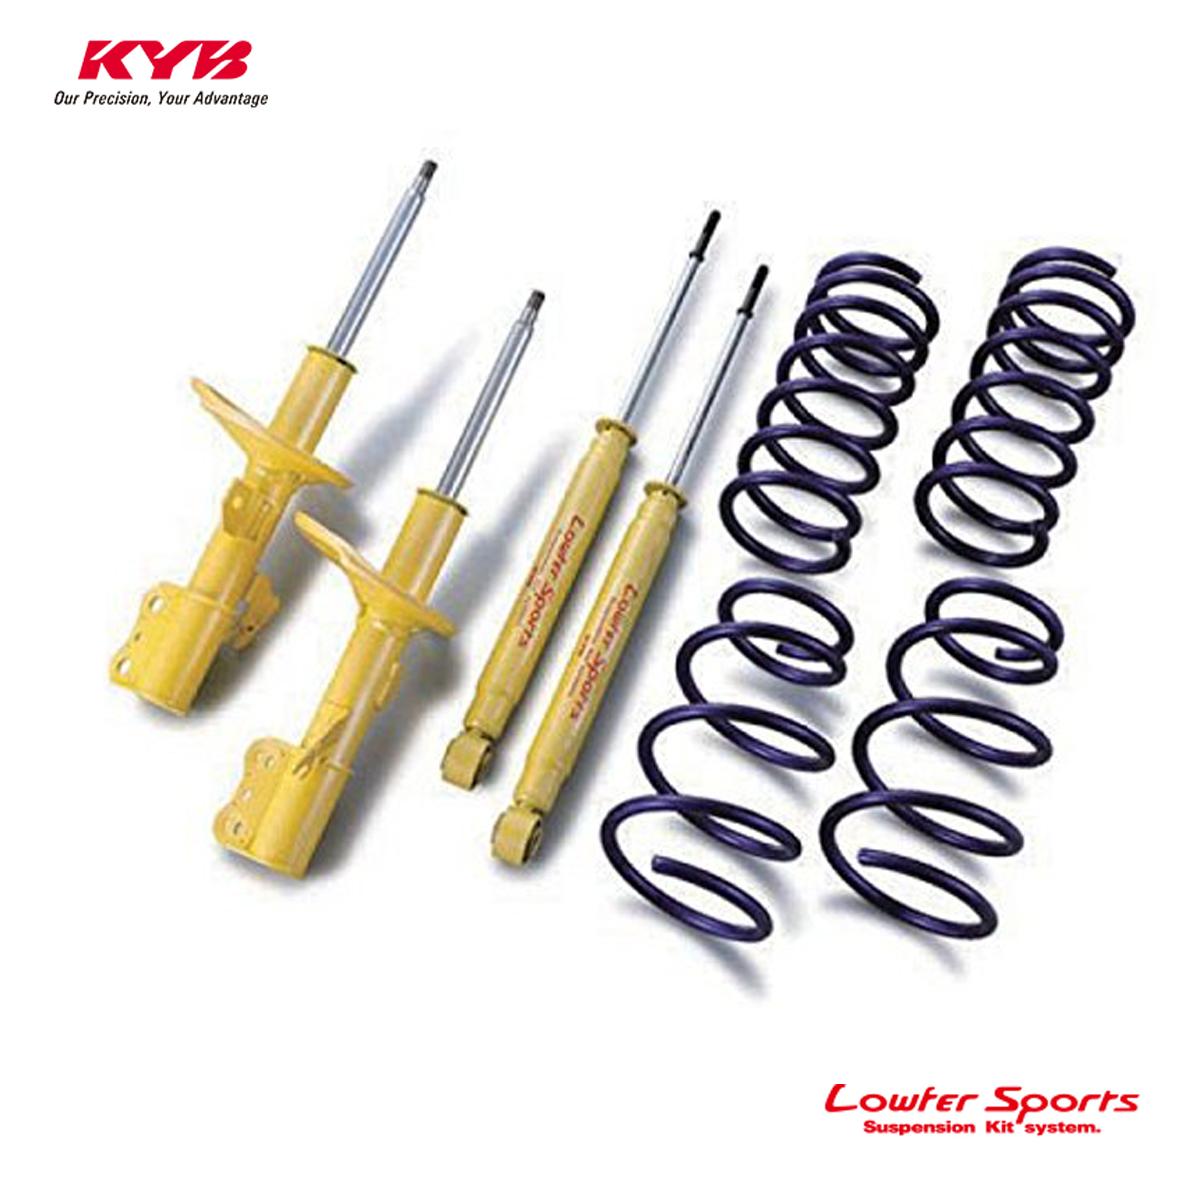 KYB カヤバ ヴォクシー ZWR80G ショックアブソーバー サスペンションキット Lowfer Sports LKIT-ZWR80G 配送先条件有り